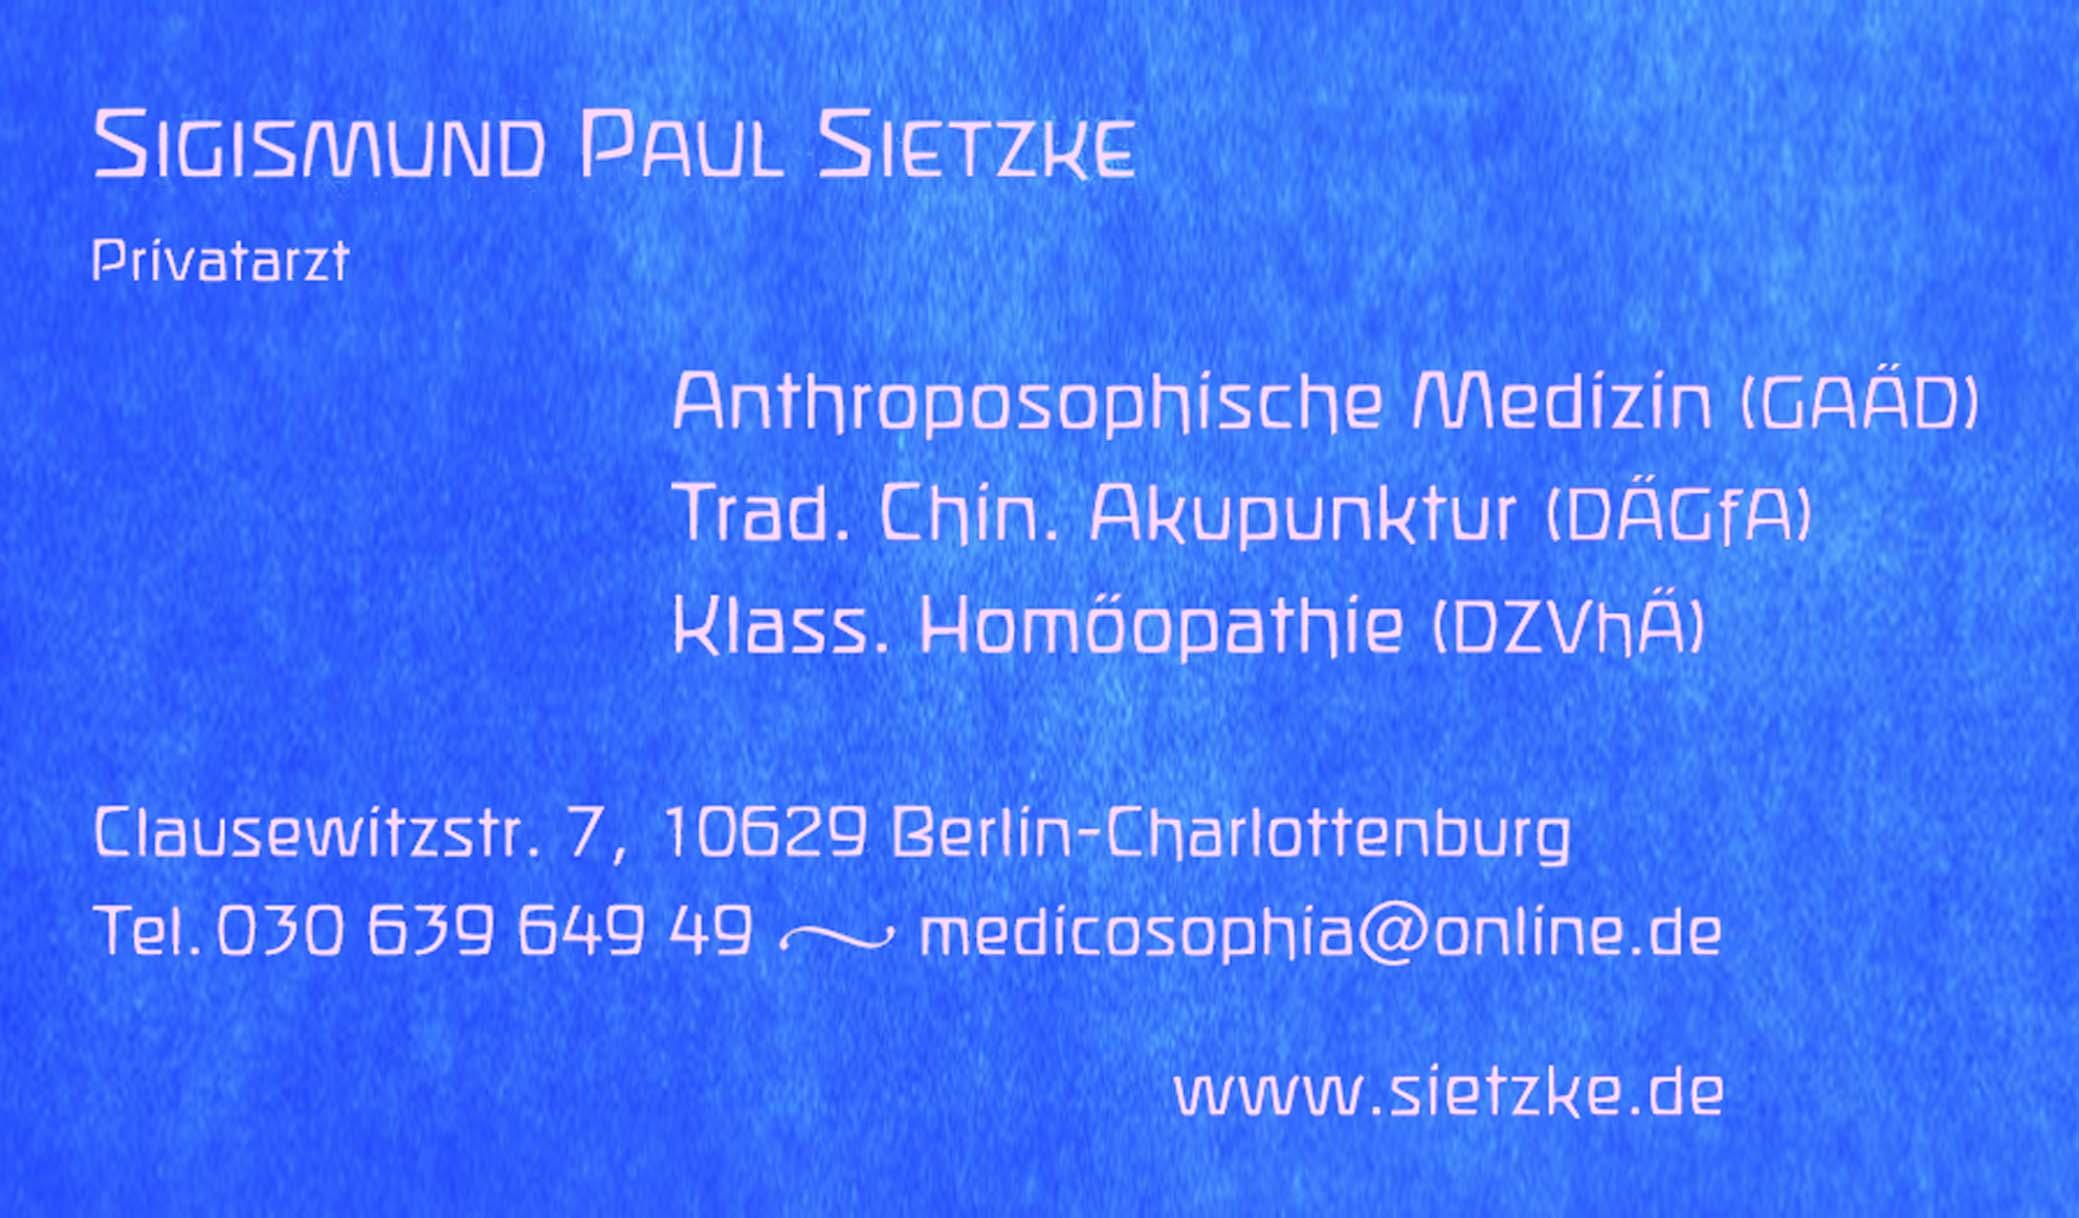 Privatpraxis Sigismund Paul Sietzke